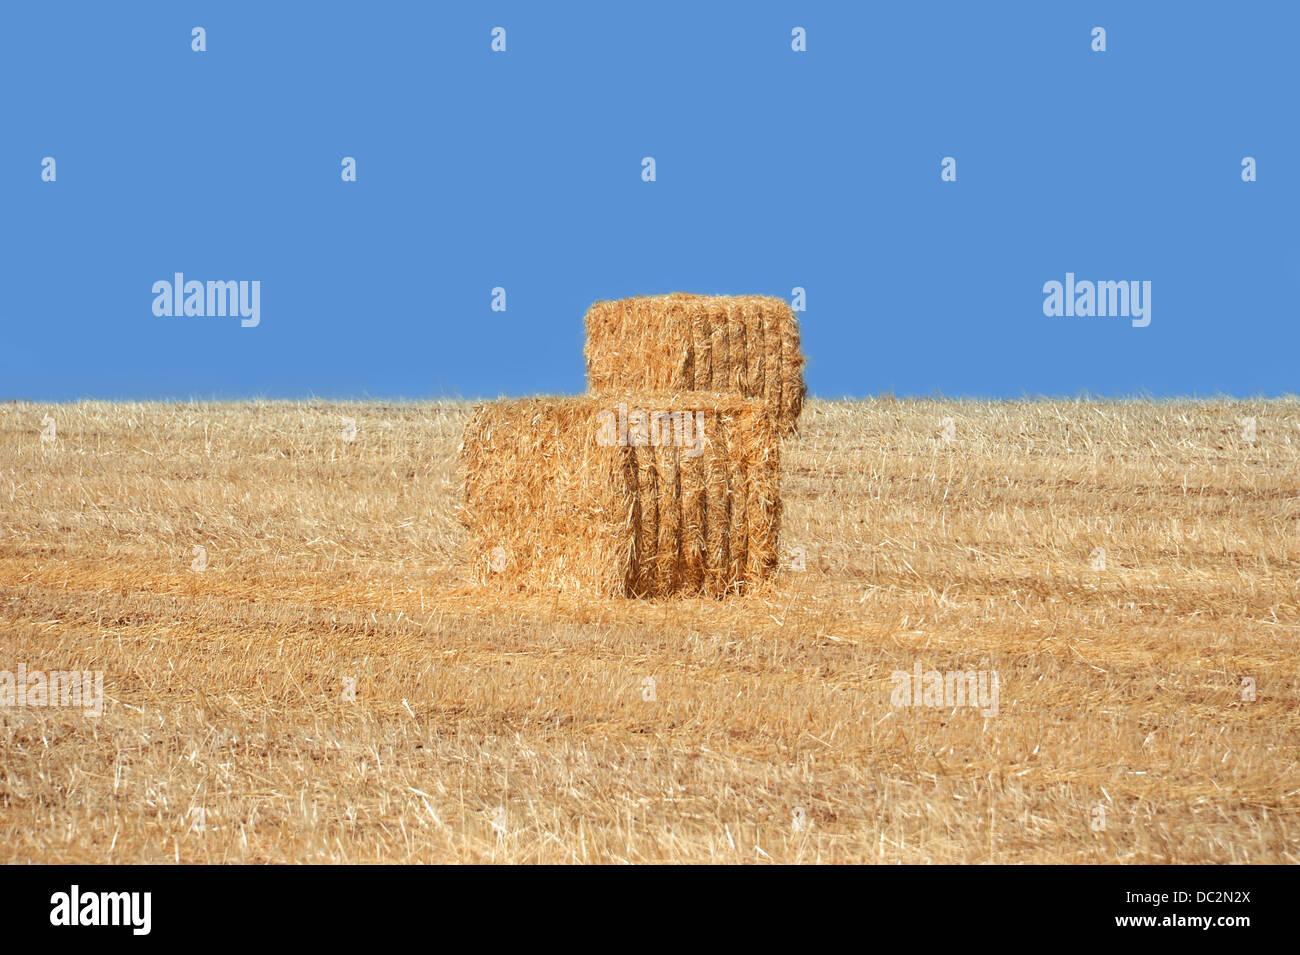 Pajar de oro y azul cielo sin nubes Imagen De Stock